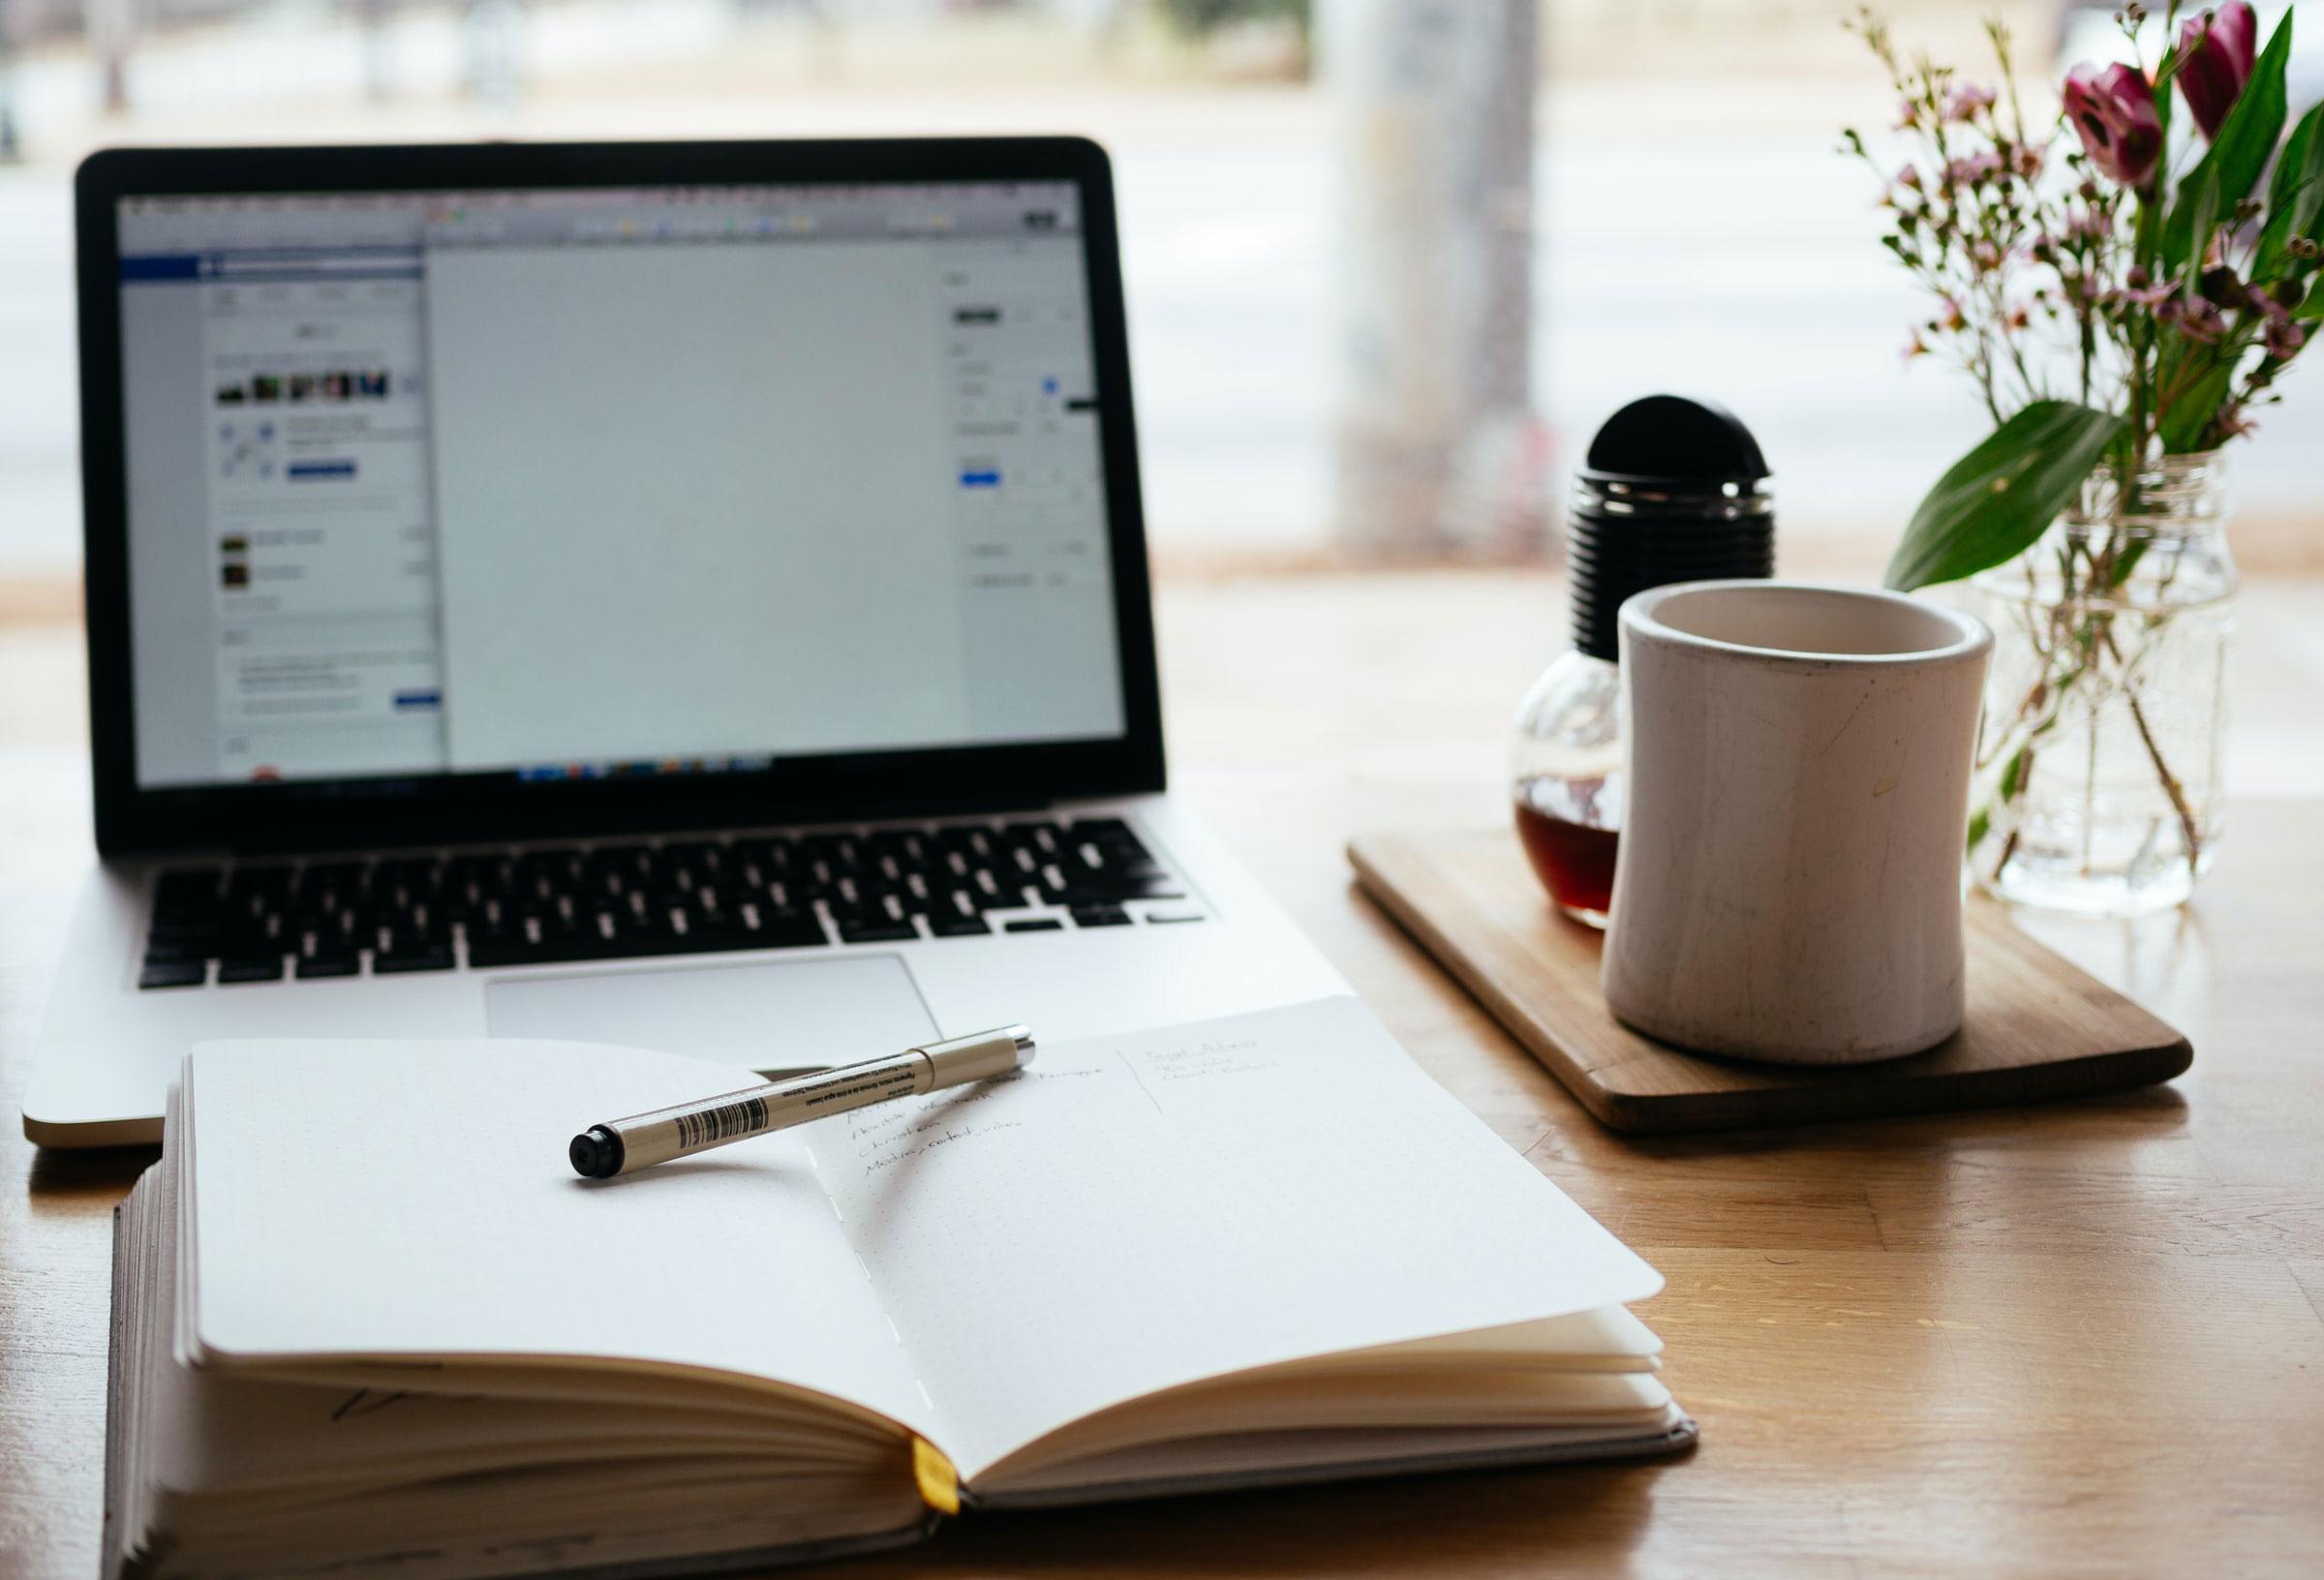 بازاریابی مقاله ای و تولید محتوا متنی